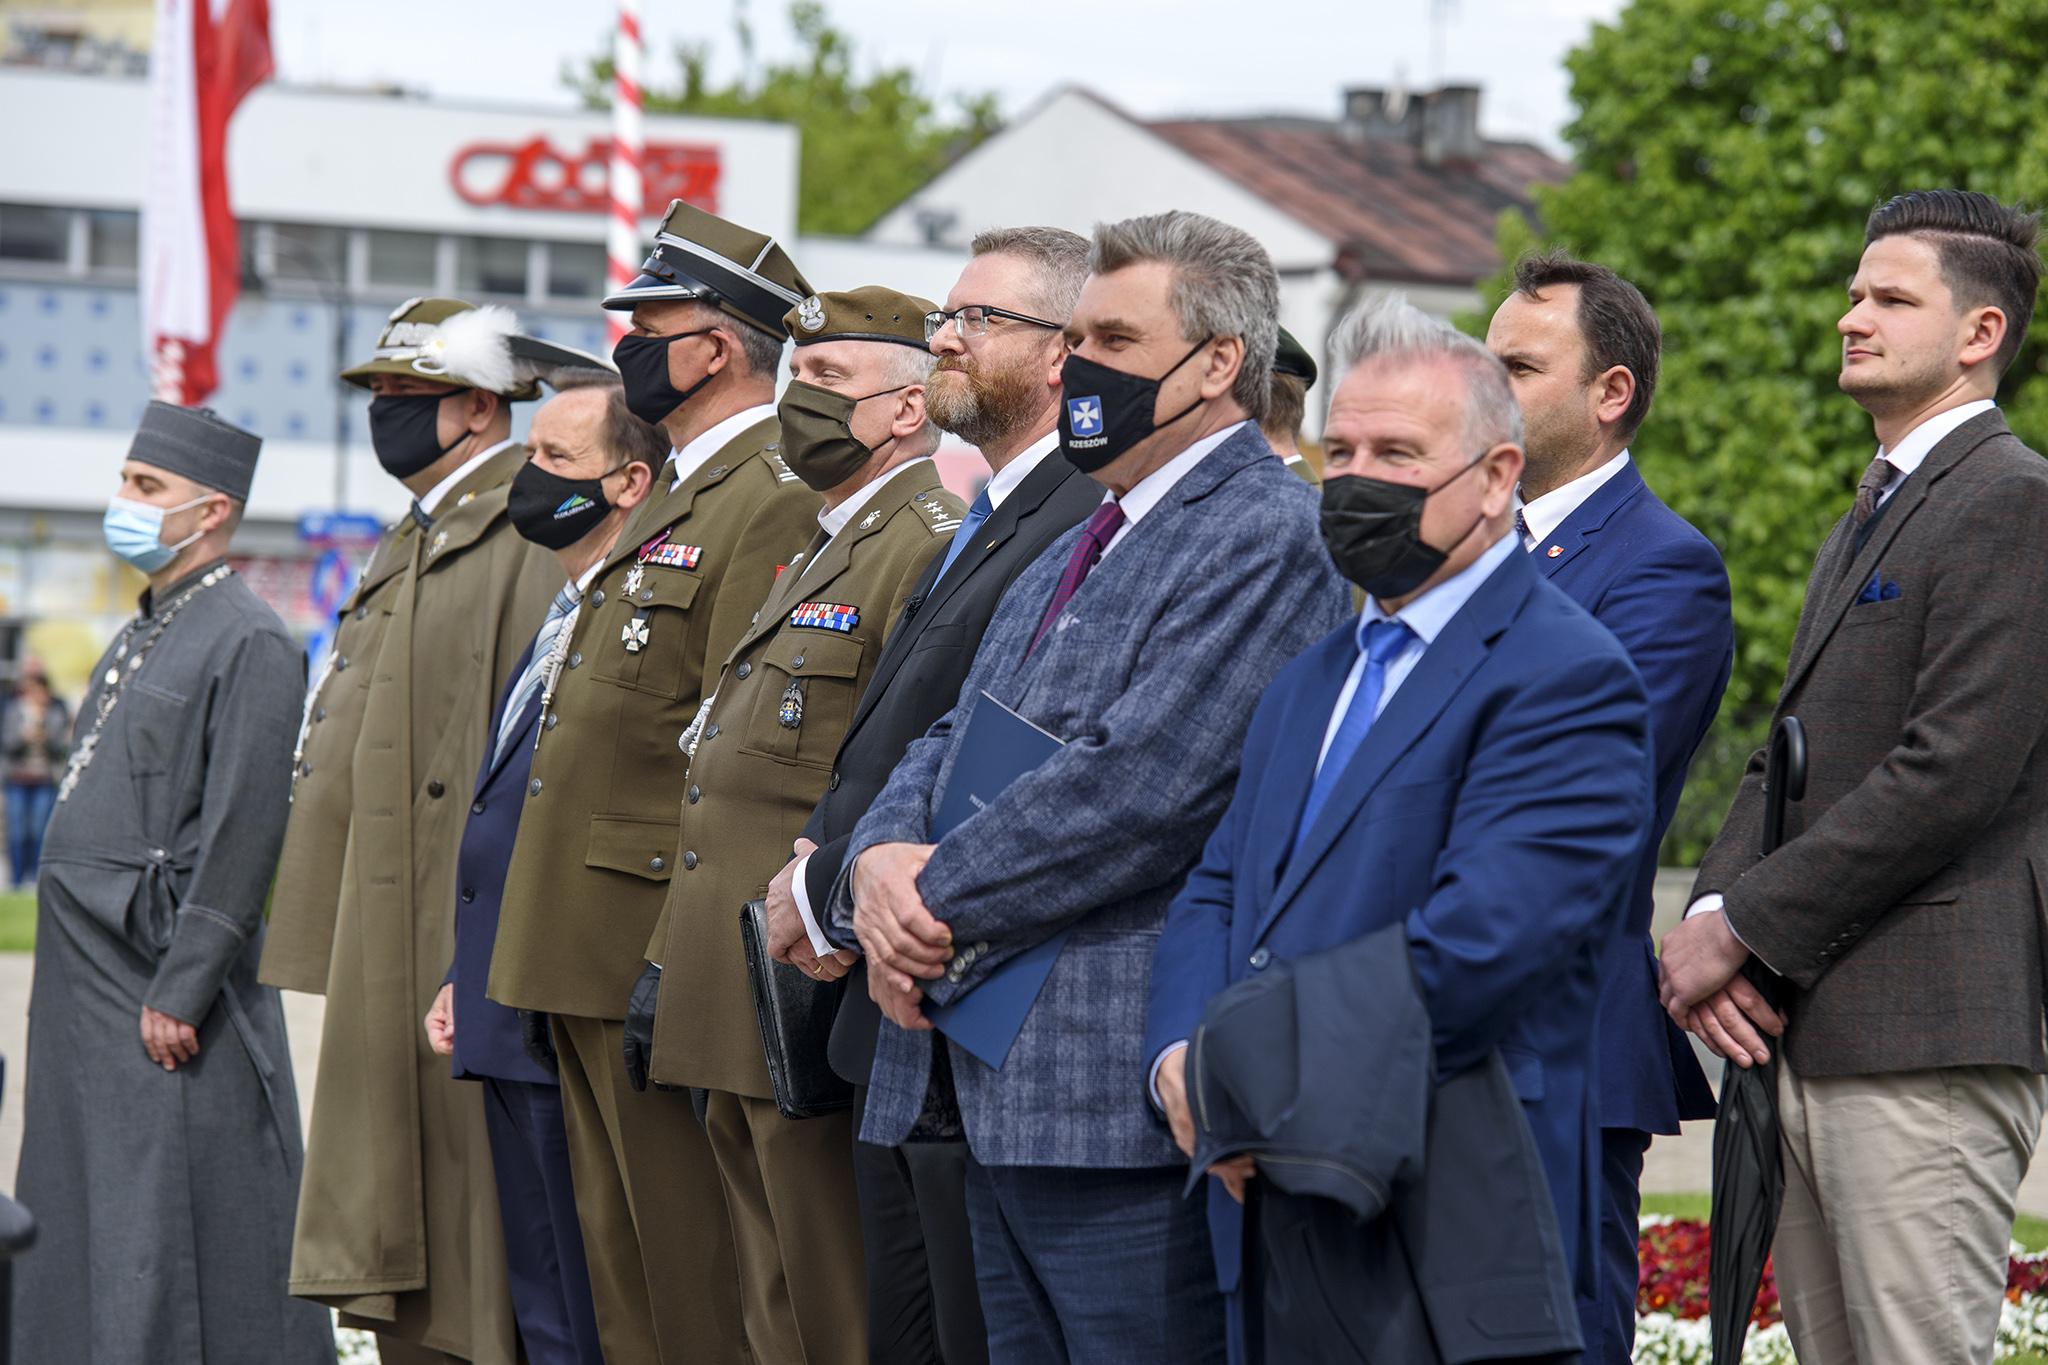 DSC_3520_RZESZOW_NEWS_SEBASTIAN_STANKIEWICZ